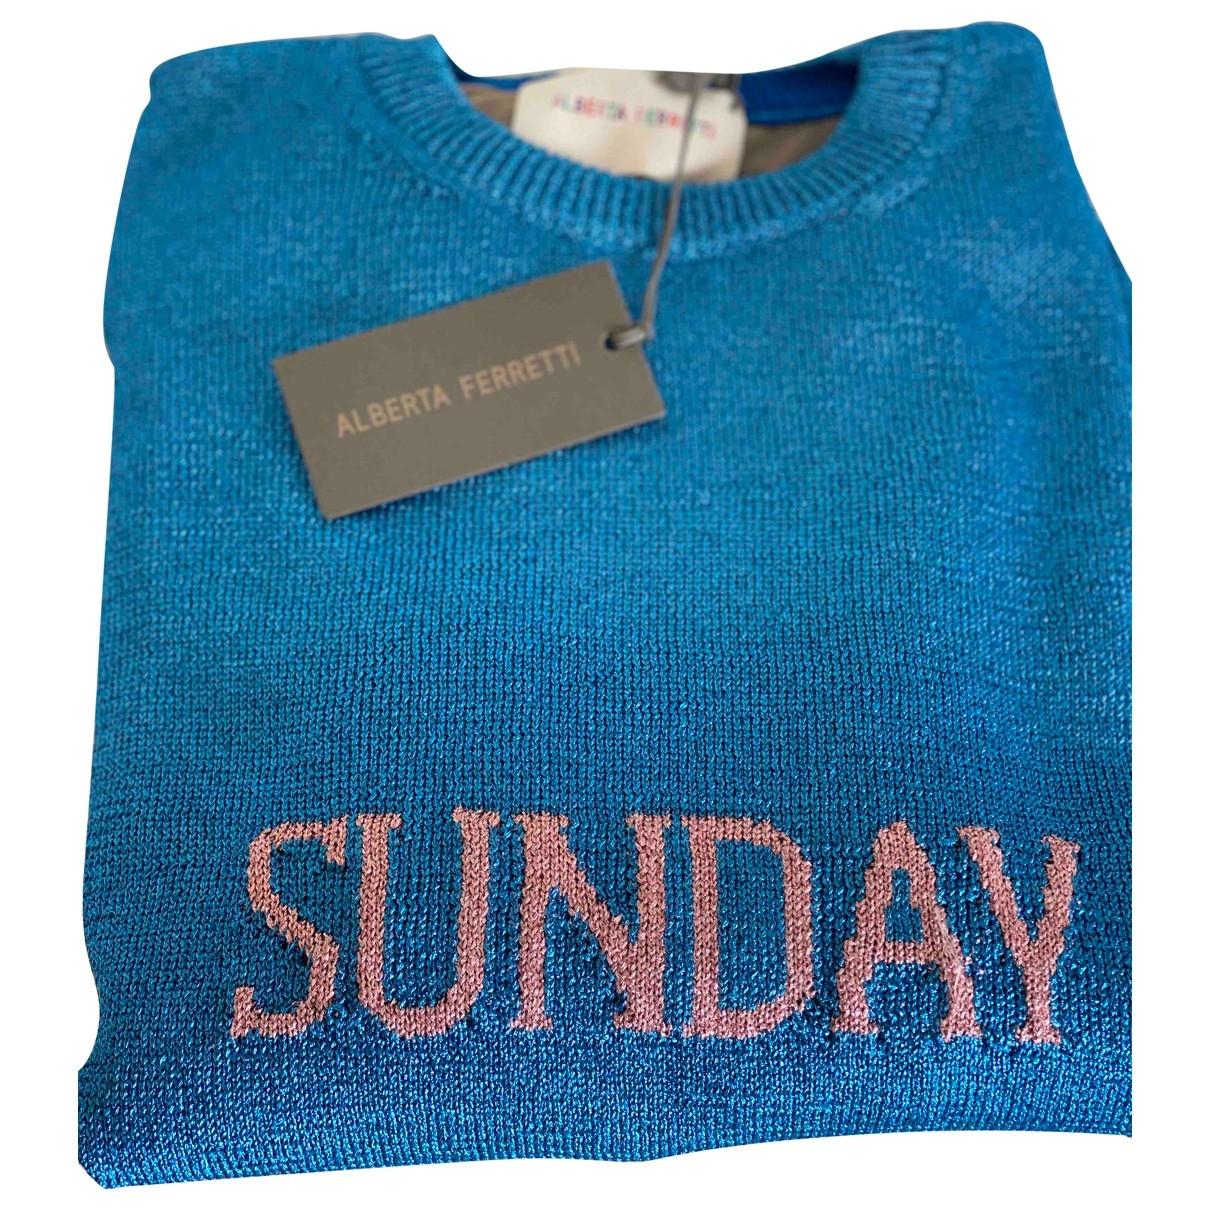 Alberta Ferretti \N Pullover in  Blau Synthetik